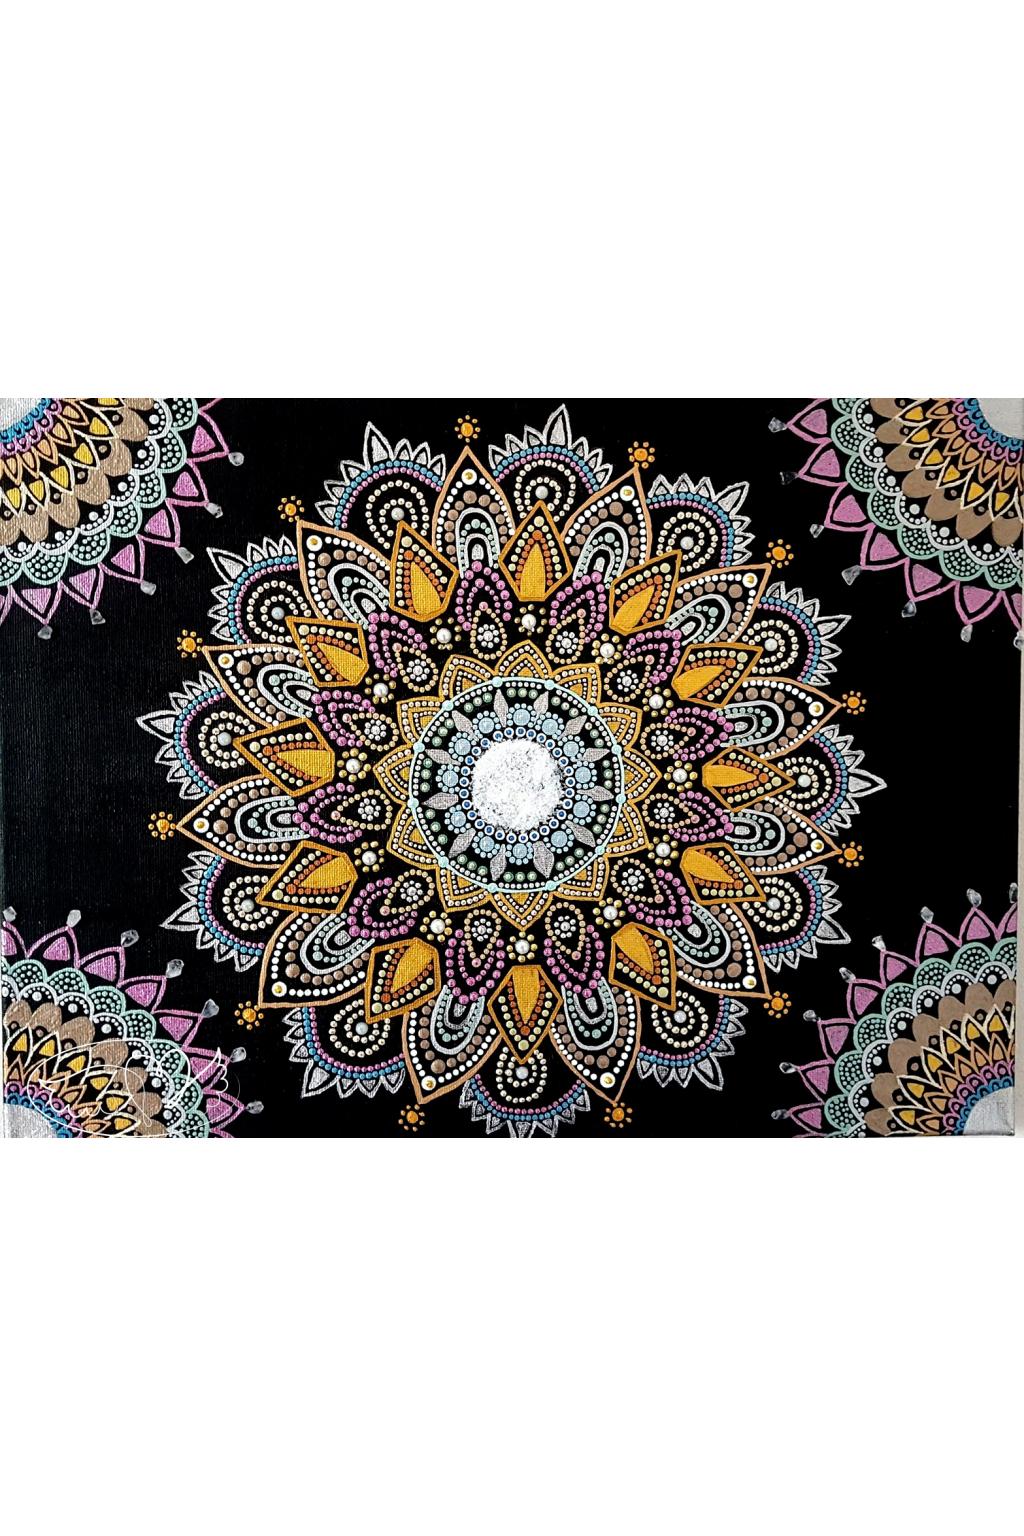 Mandala - Znovuzrození v lásce 30x40cm61822278 598252124030246 7888722253976698880 n